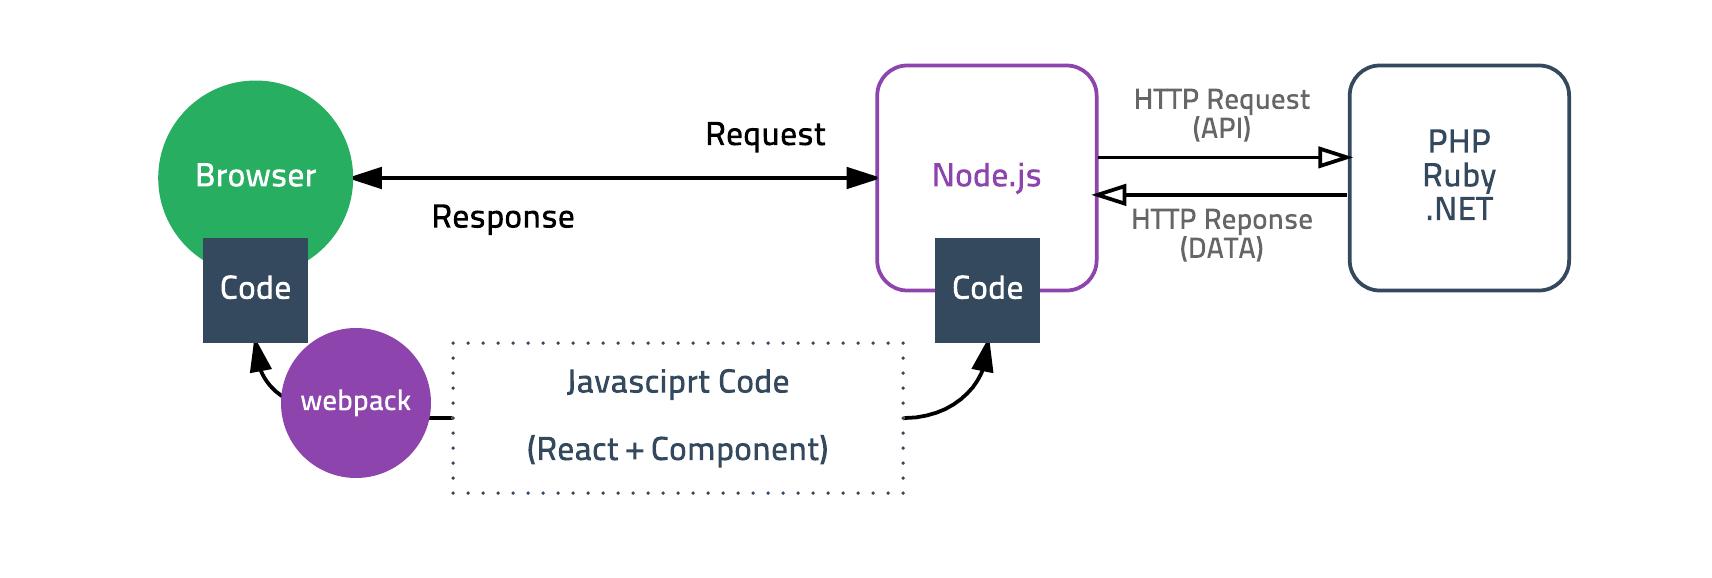 Node.js frontend server